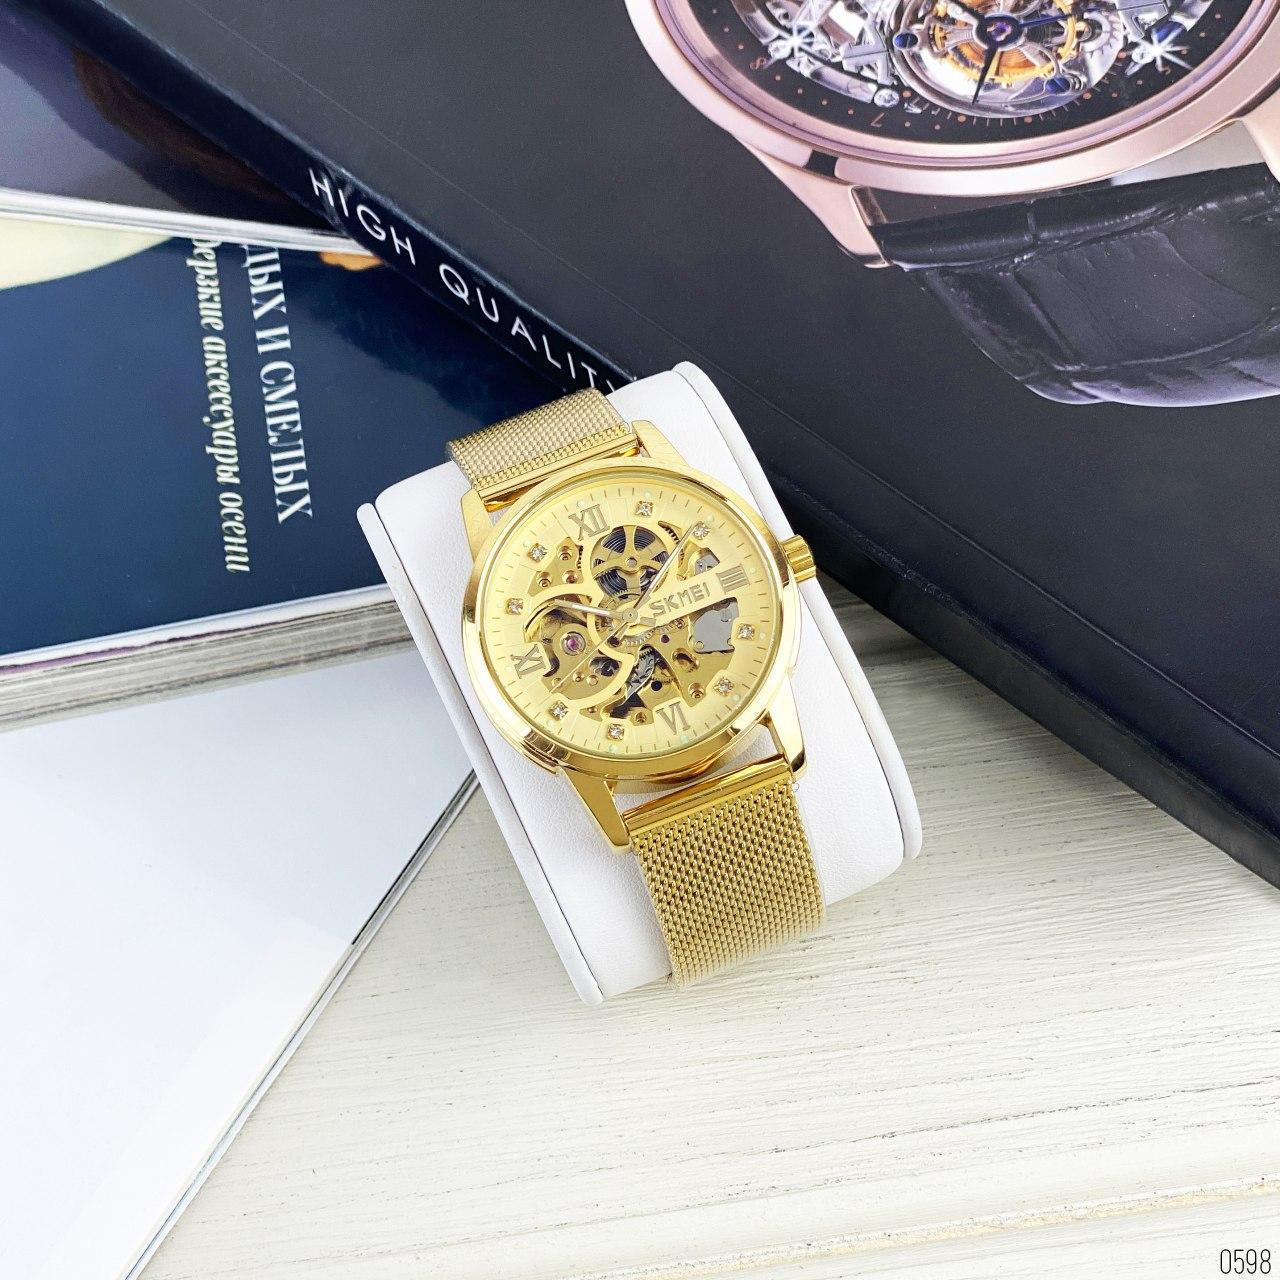 Skmei 9199 модель механических часов